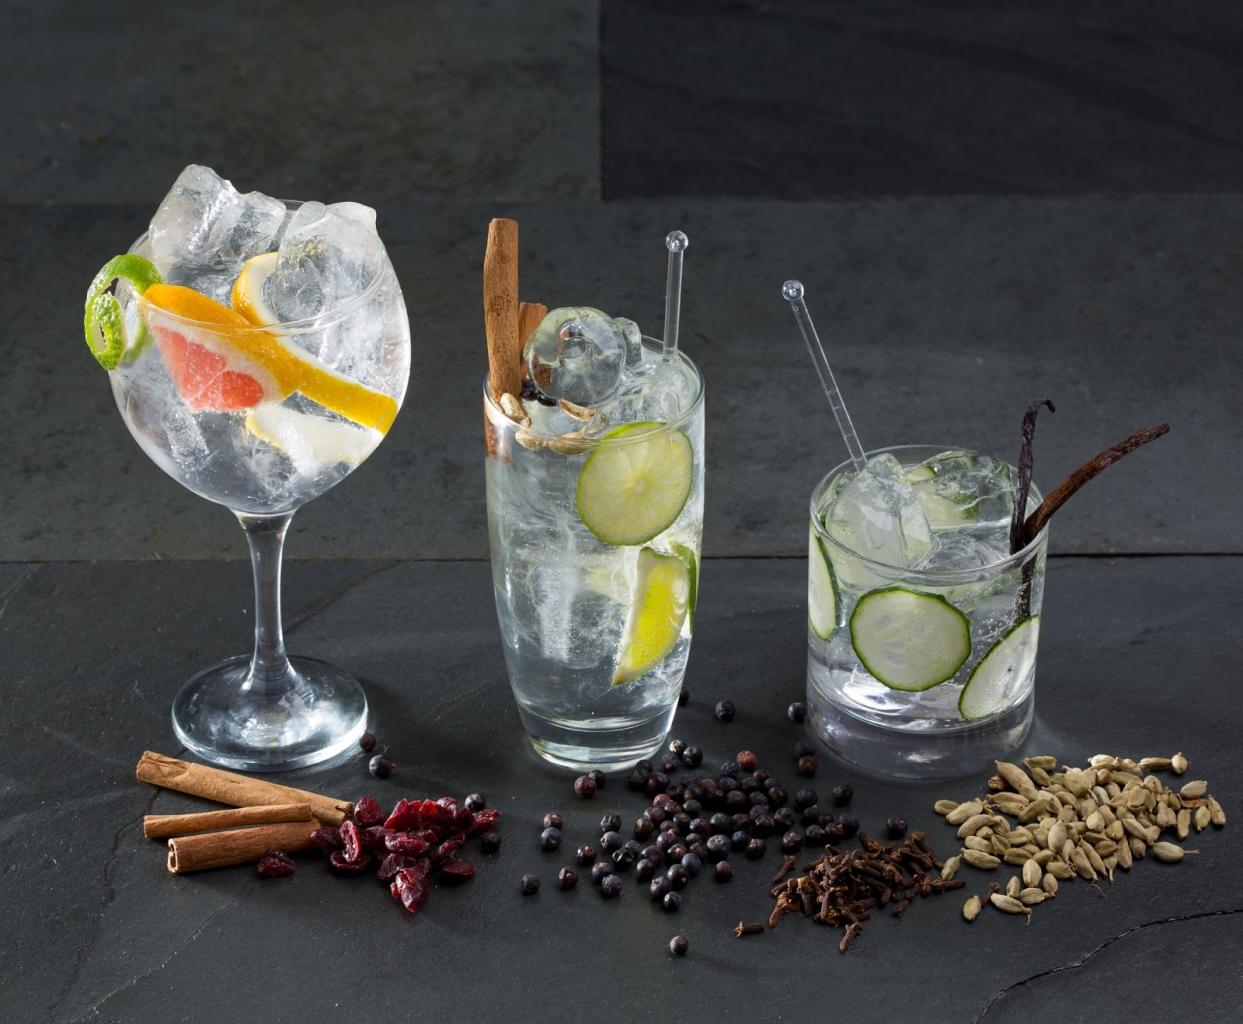 Bei der Gin-Expedition lernt ihr unter anderem, wie man gute Gin Tonics zubereitet – und werdet sie natürlich probieren!